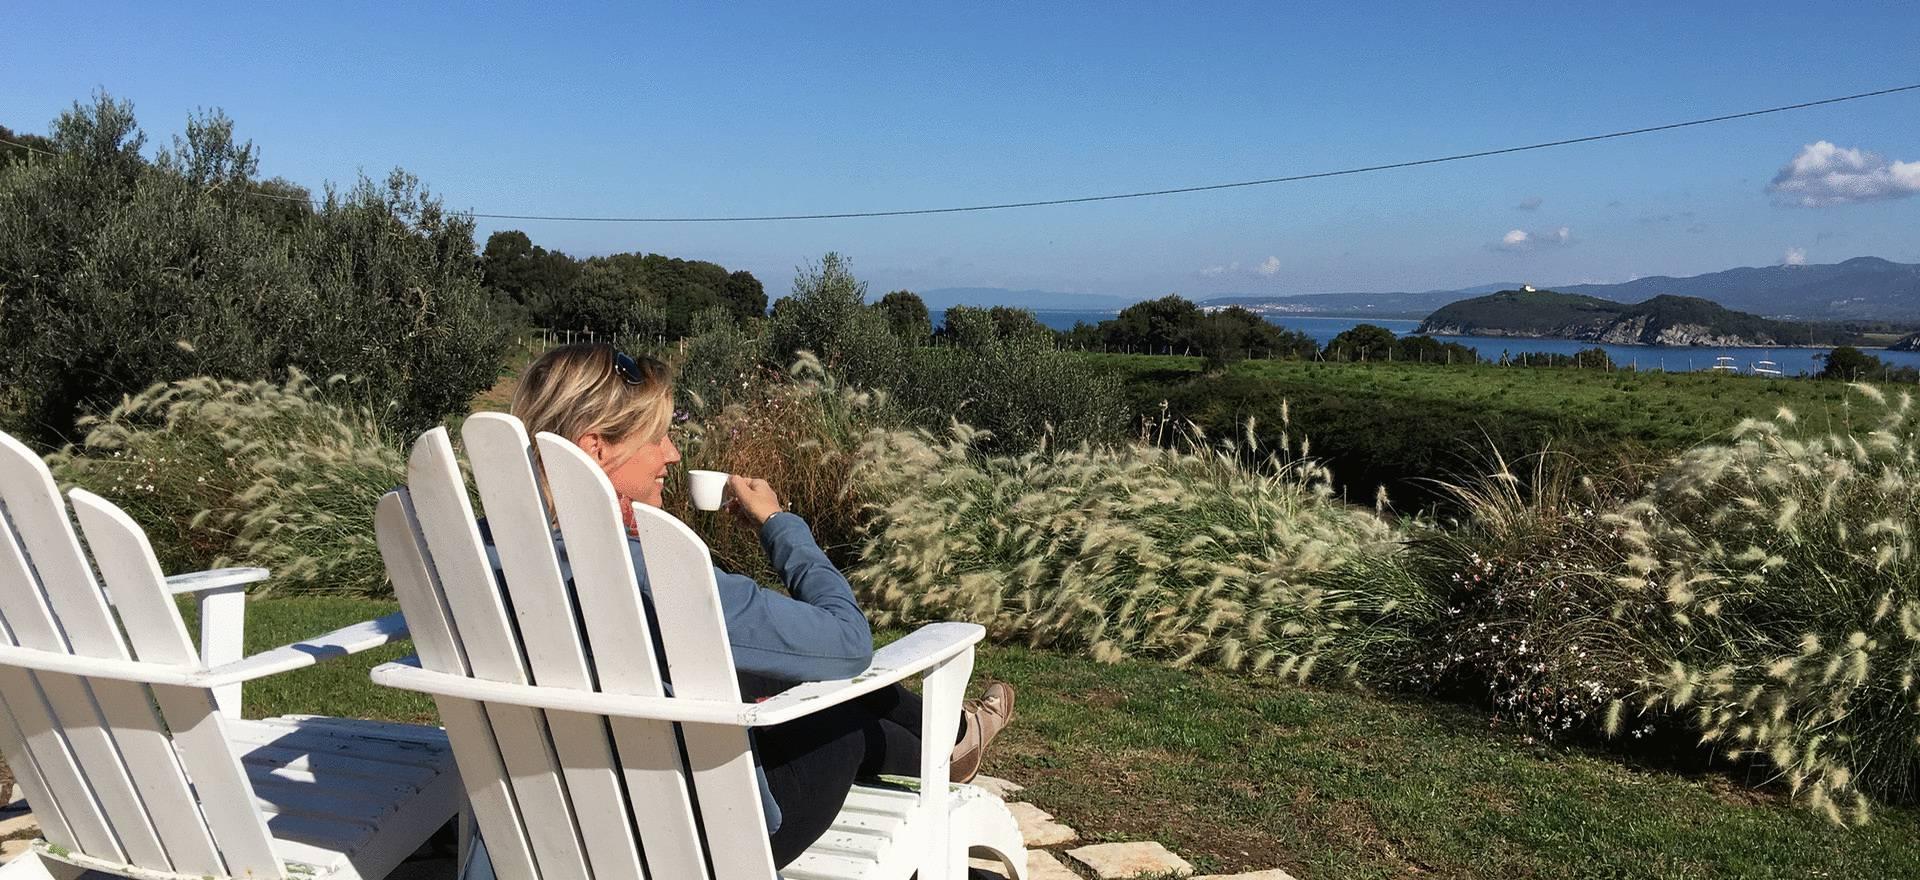 Agriturismo Toscane Luxe agriturismo Toscane met uitzicht op zee